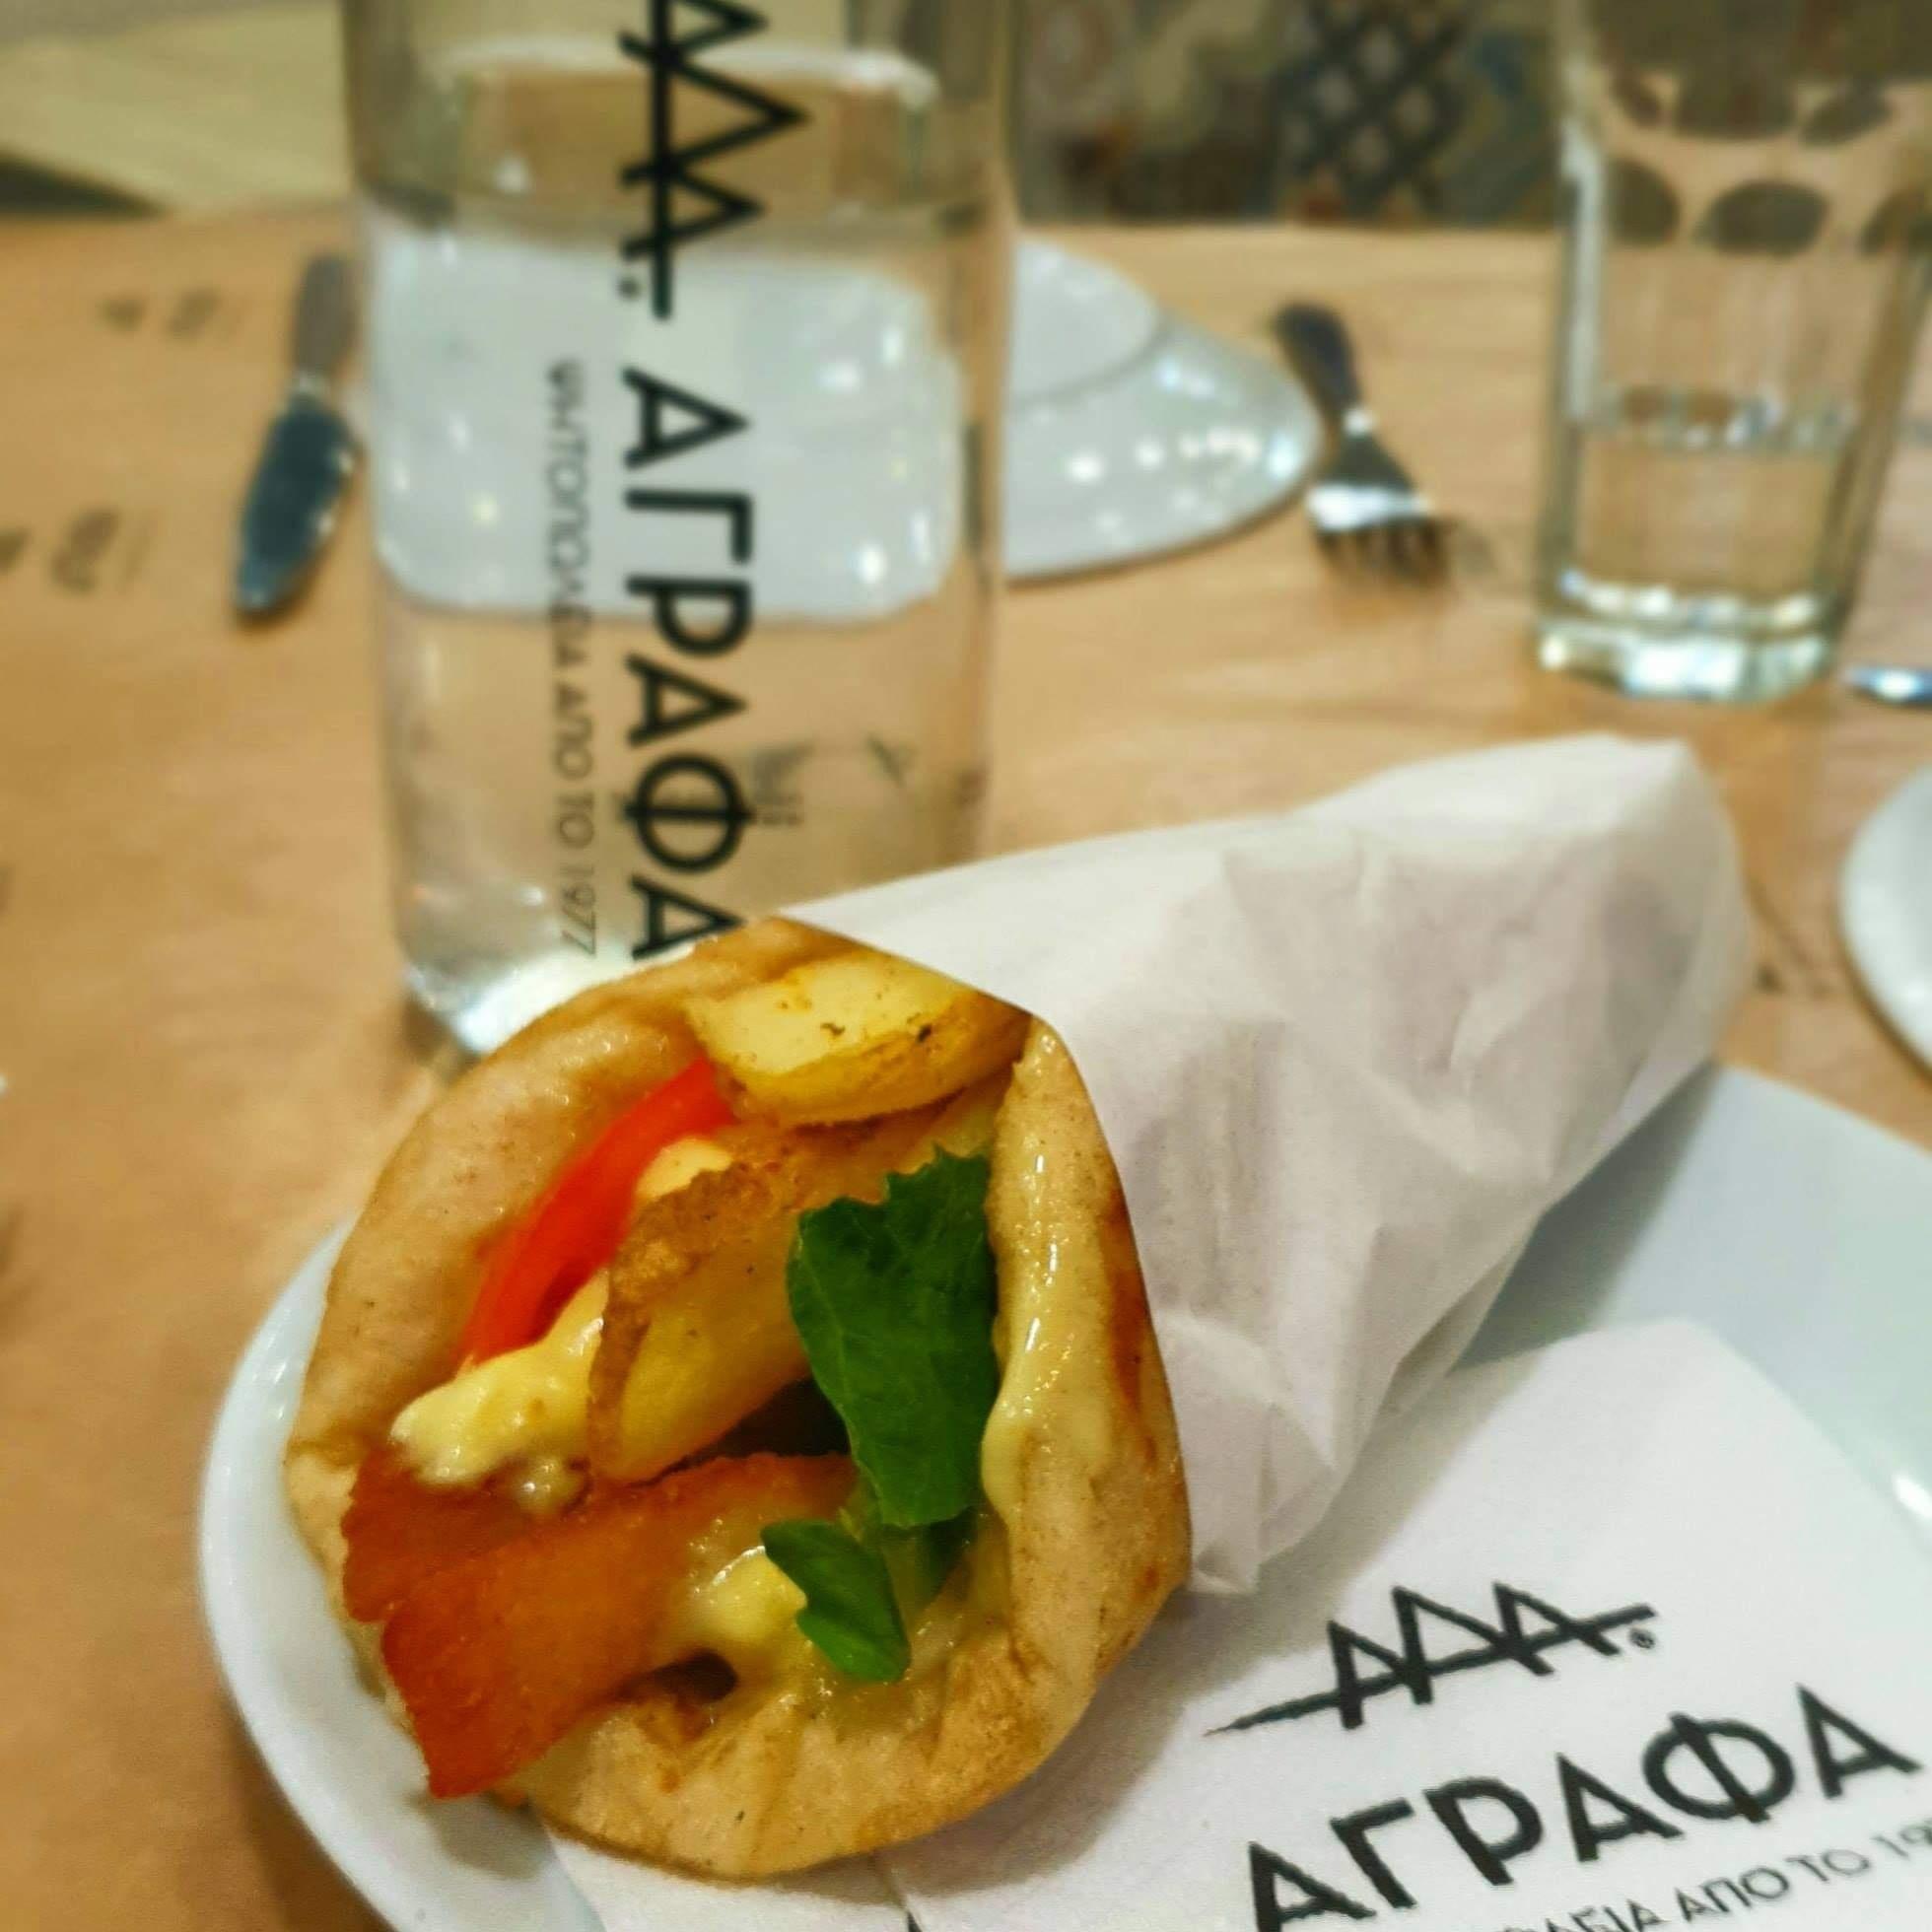 Στα «Άγραφα» θα δοκιμάσεις τα πιο ωραία σουβλάκια της Αθήνας